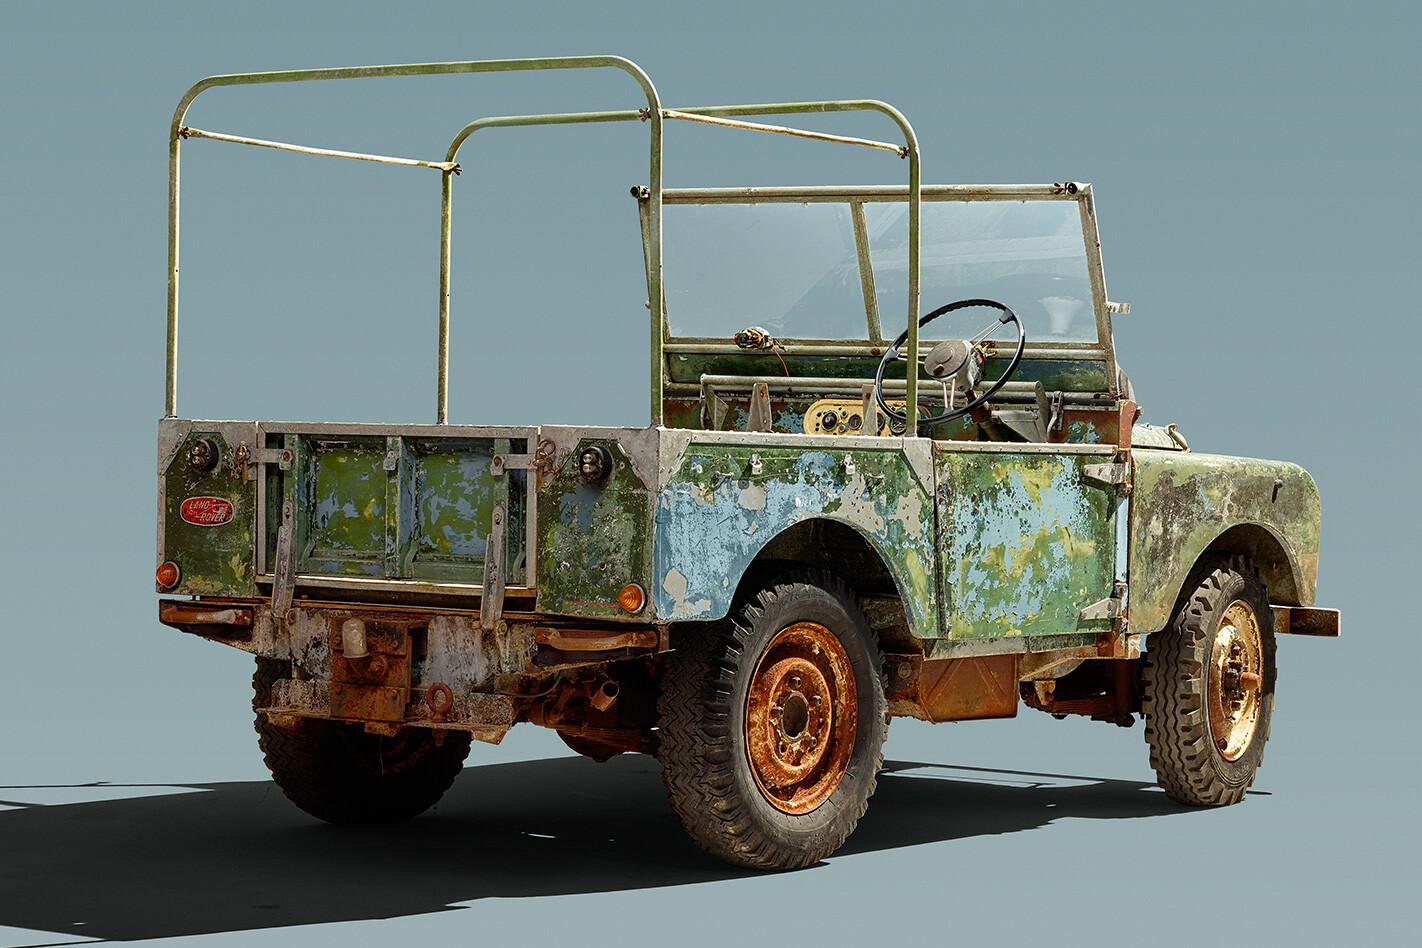 Land Rover Rear Jpg